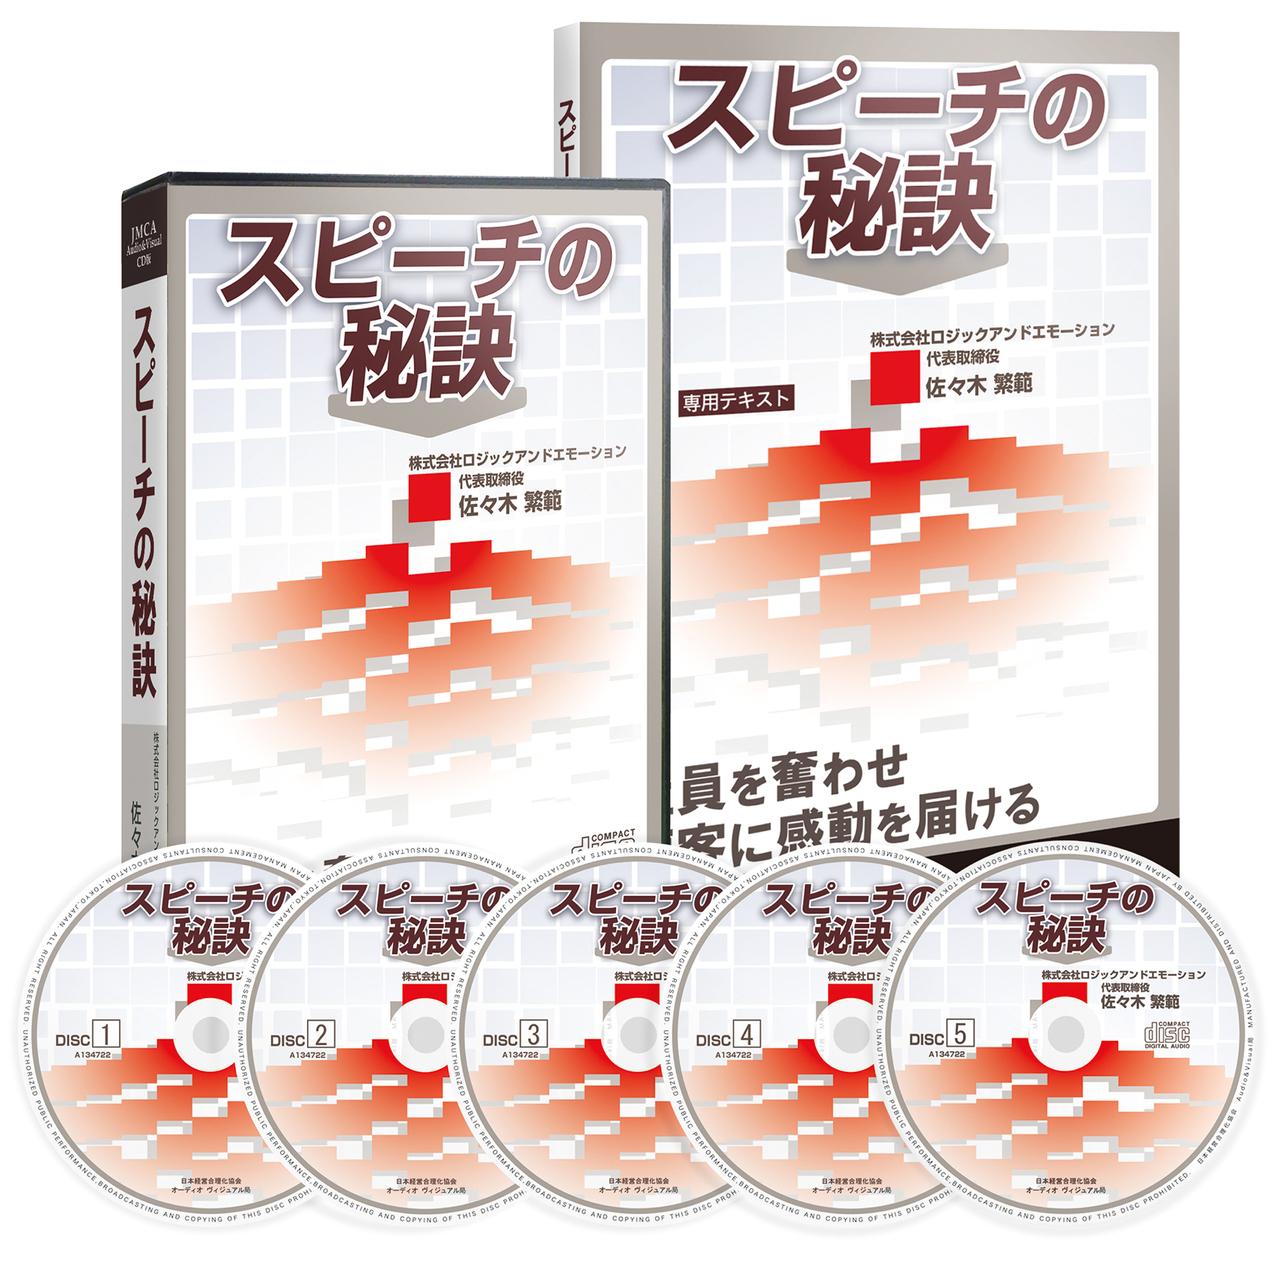 「スピーチの秘訣」CD版・デジタル版